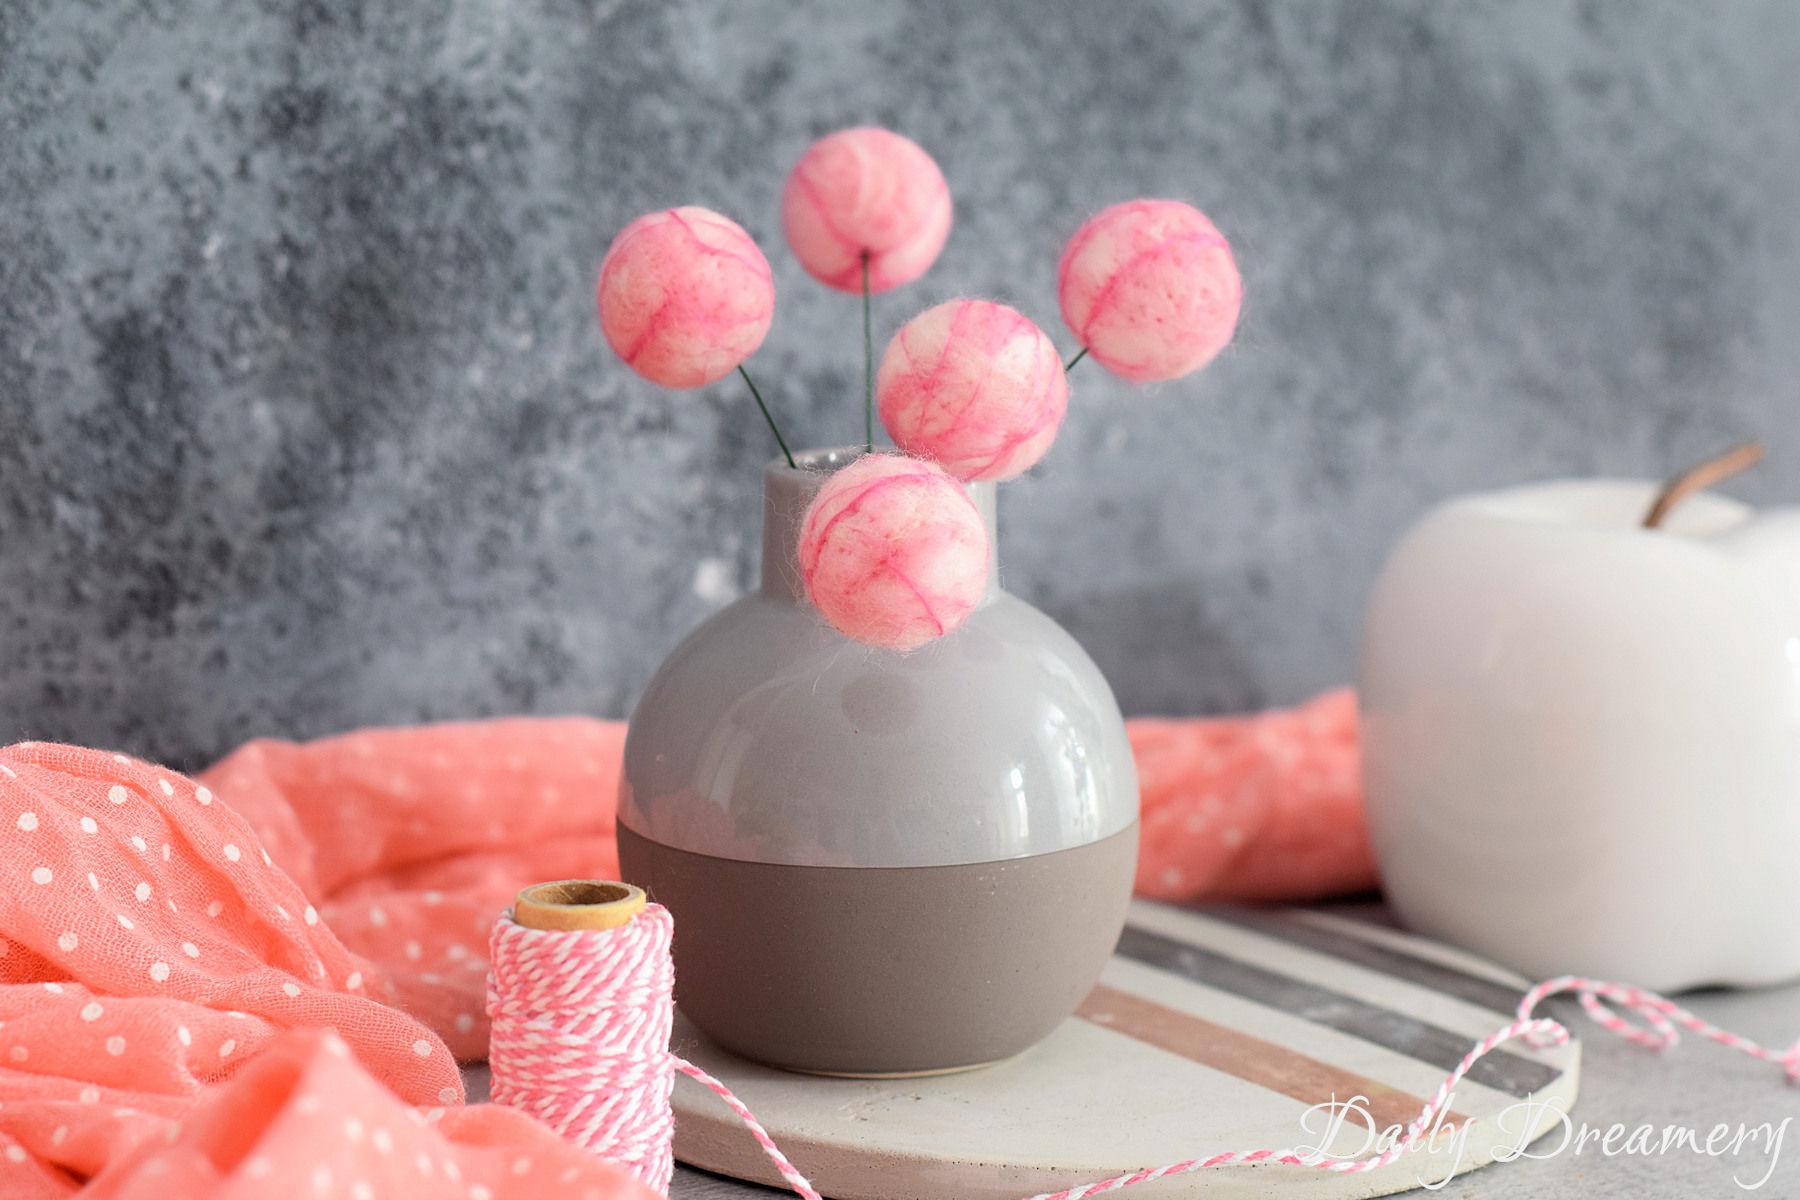 nie verblühende Deko-Blumen aus Filz ganz einfach selber filzen. Die kugeligen Farbtupfer verschönern jeden Raum. DIY-Anleitung #diy #filz #dekoration